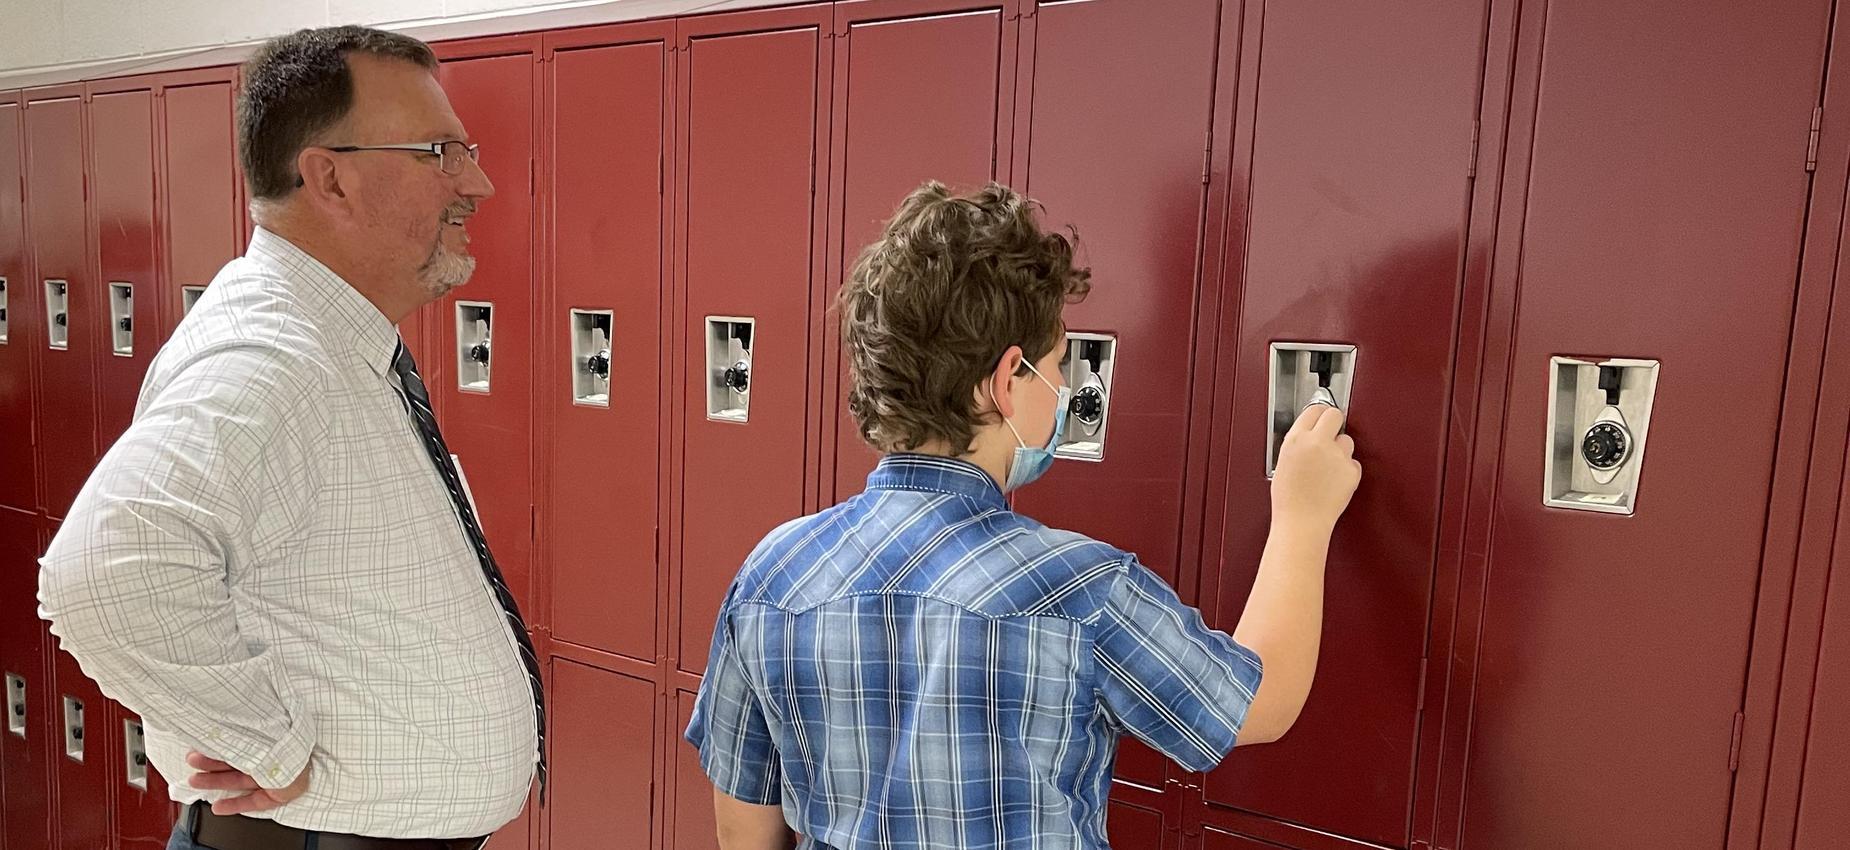 A man watches a student open a locker.